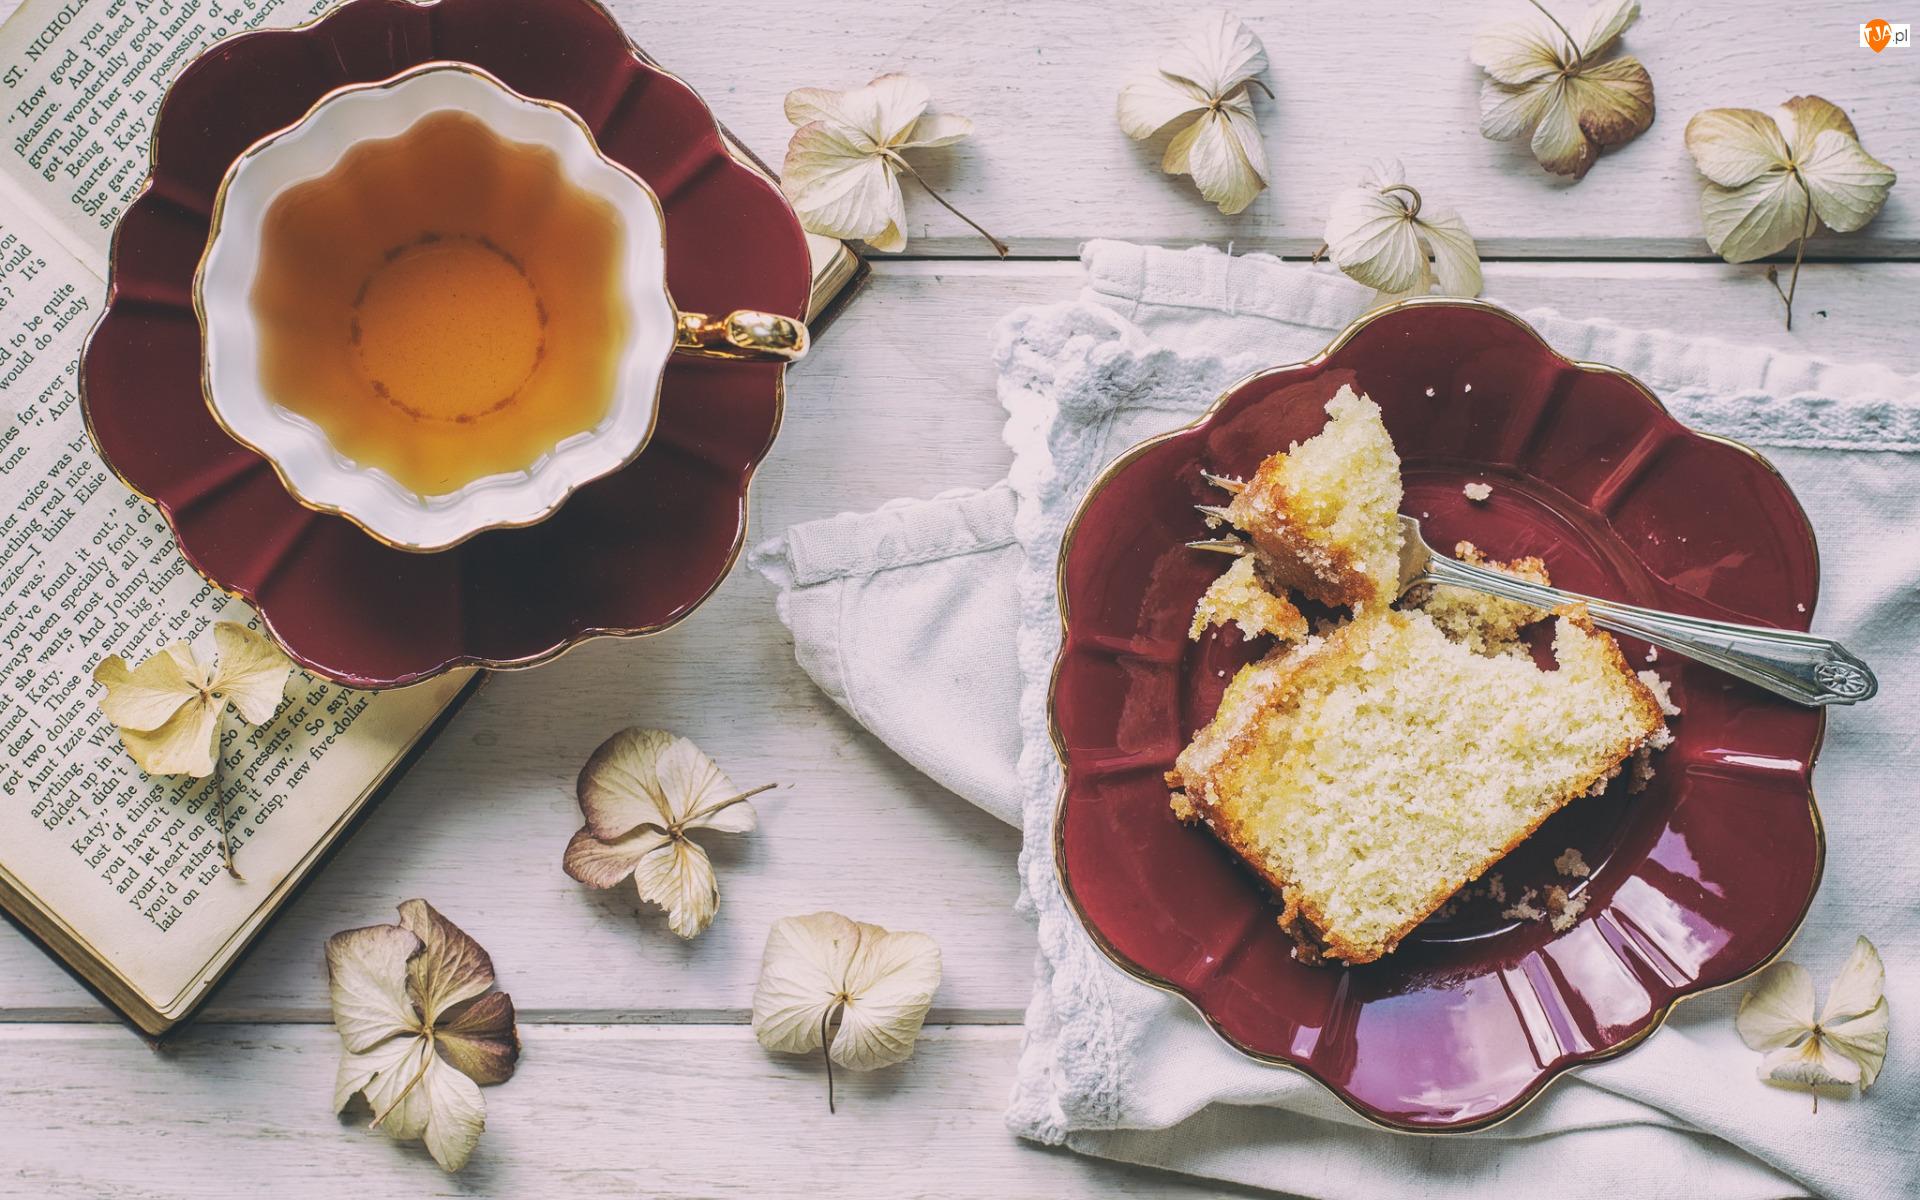 Ciasto, Kwiaty, Filiżanka, Herbata, Książka